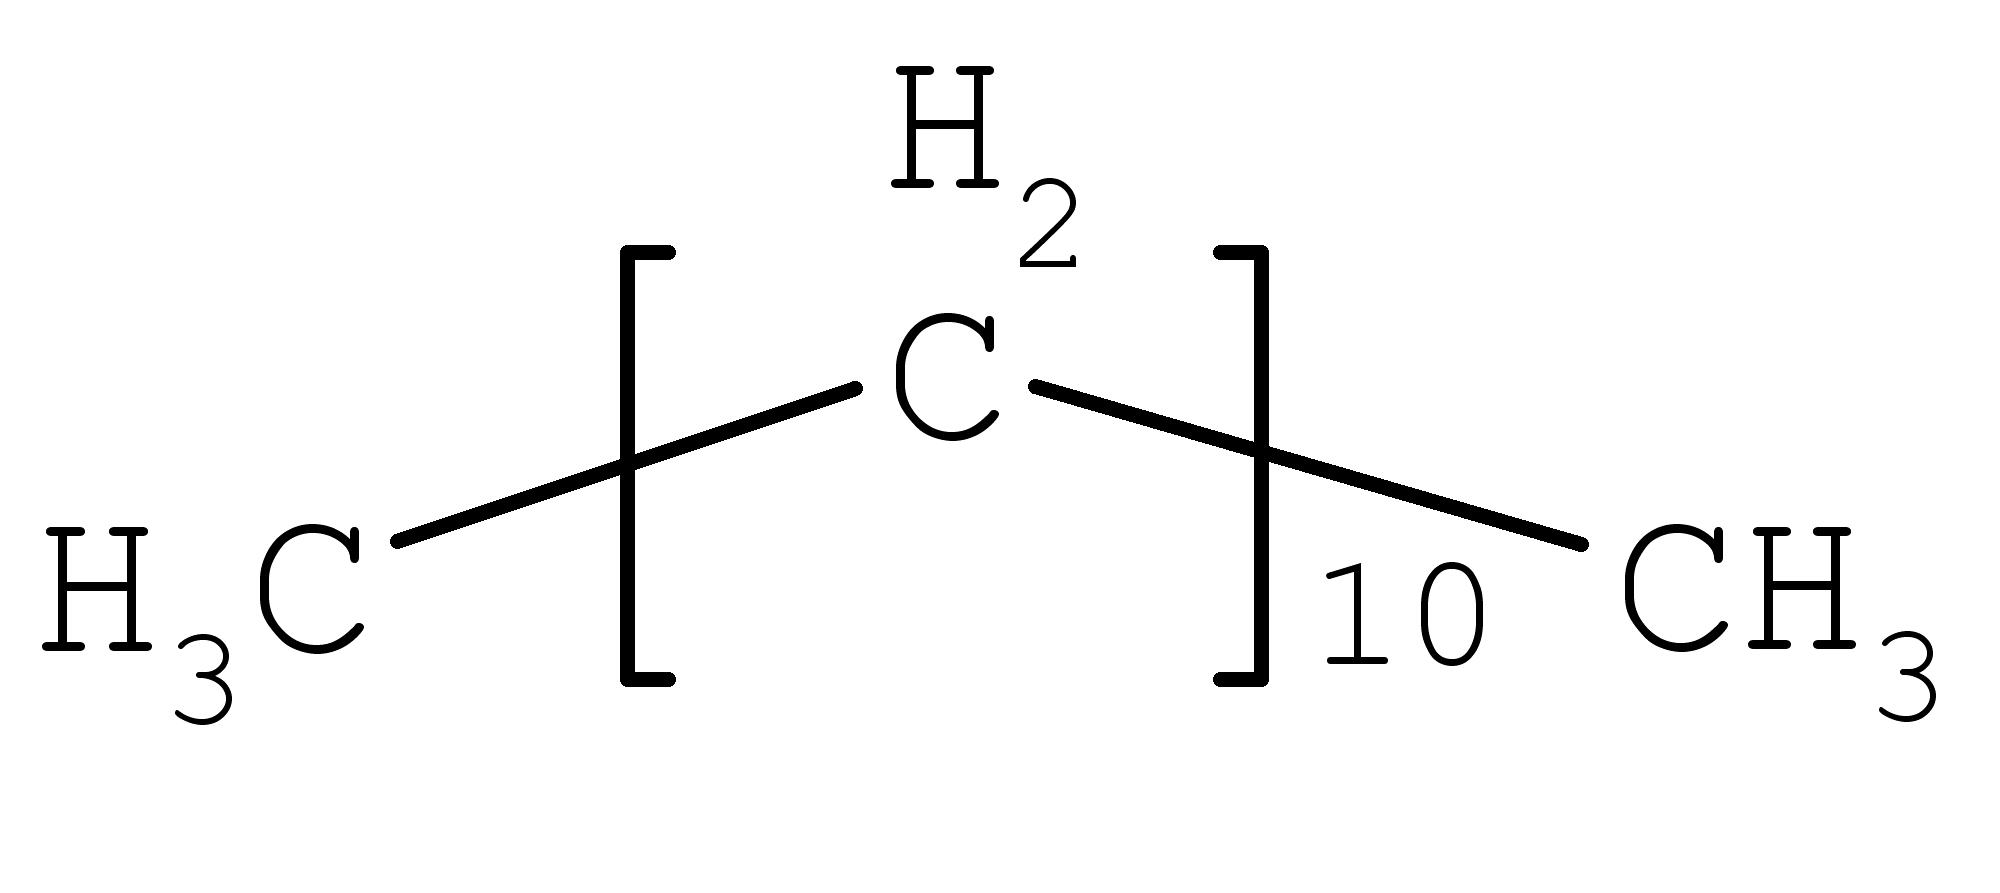 C12h23